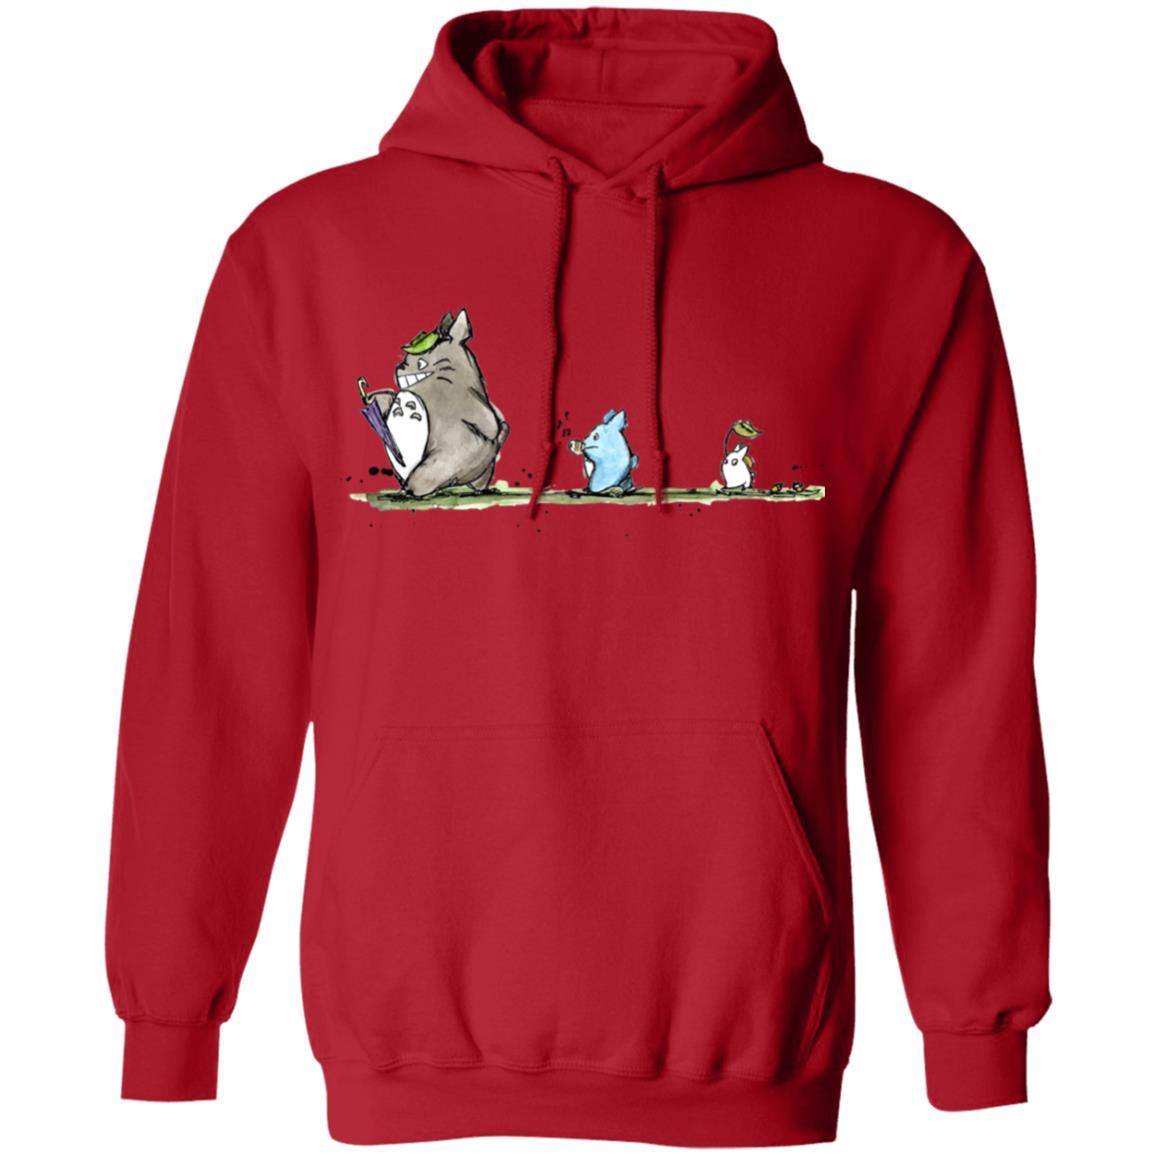 Totoro Family Parade Hoodie